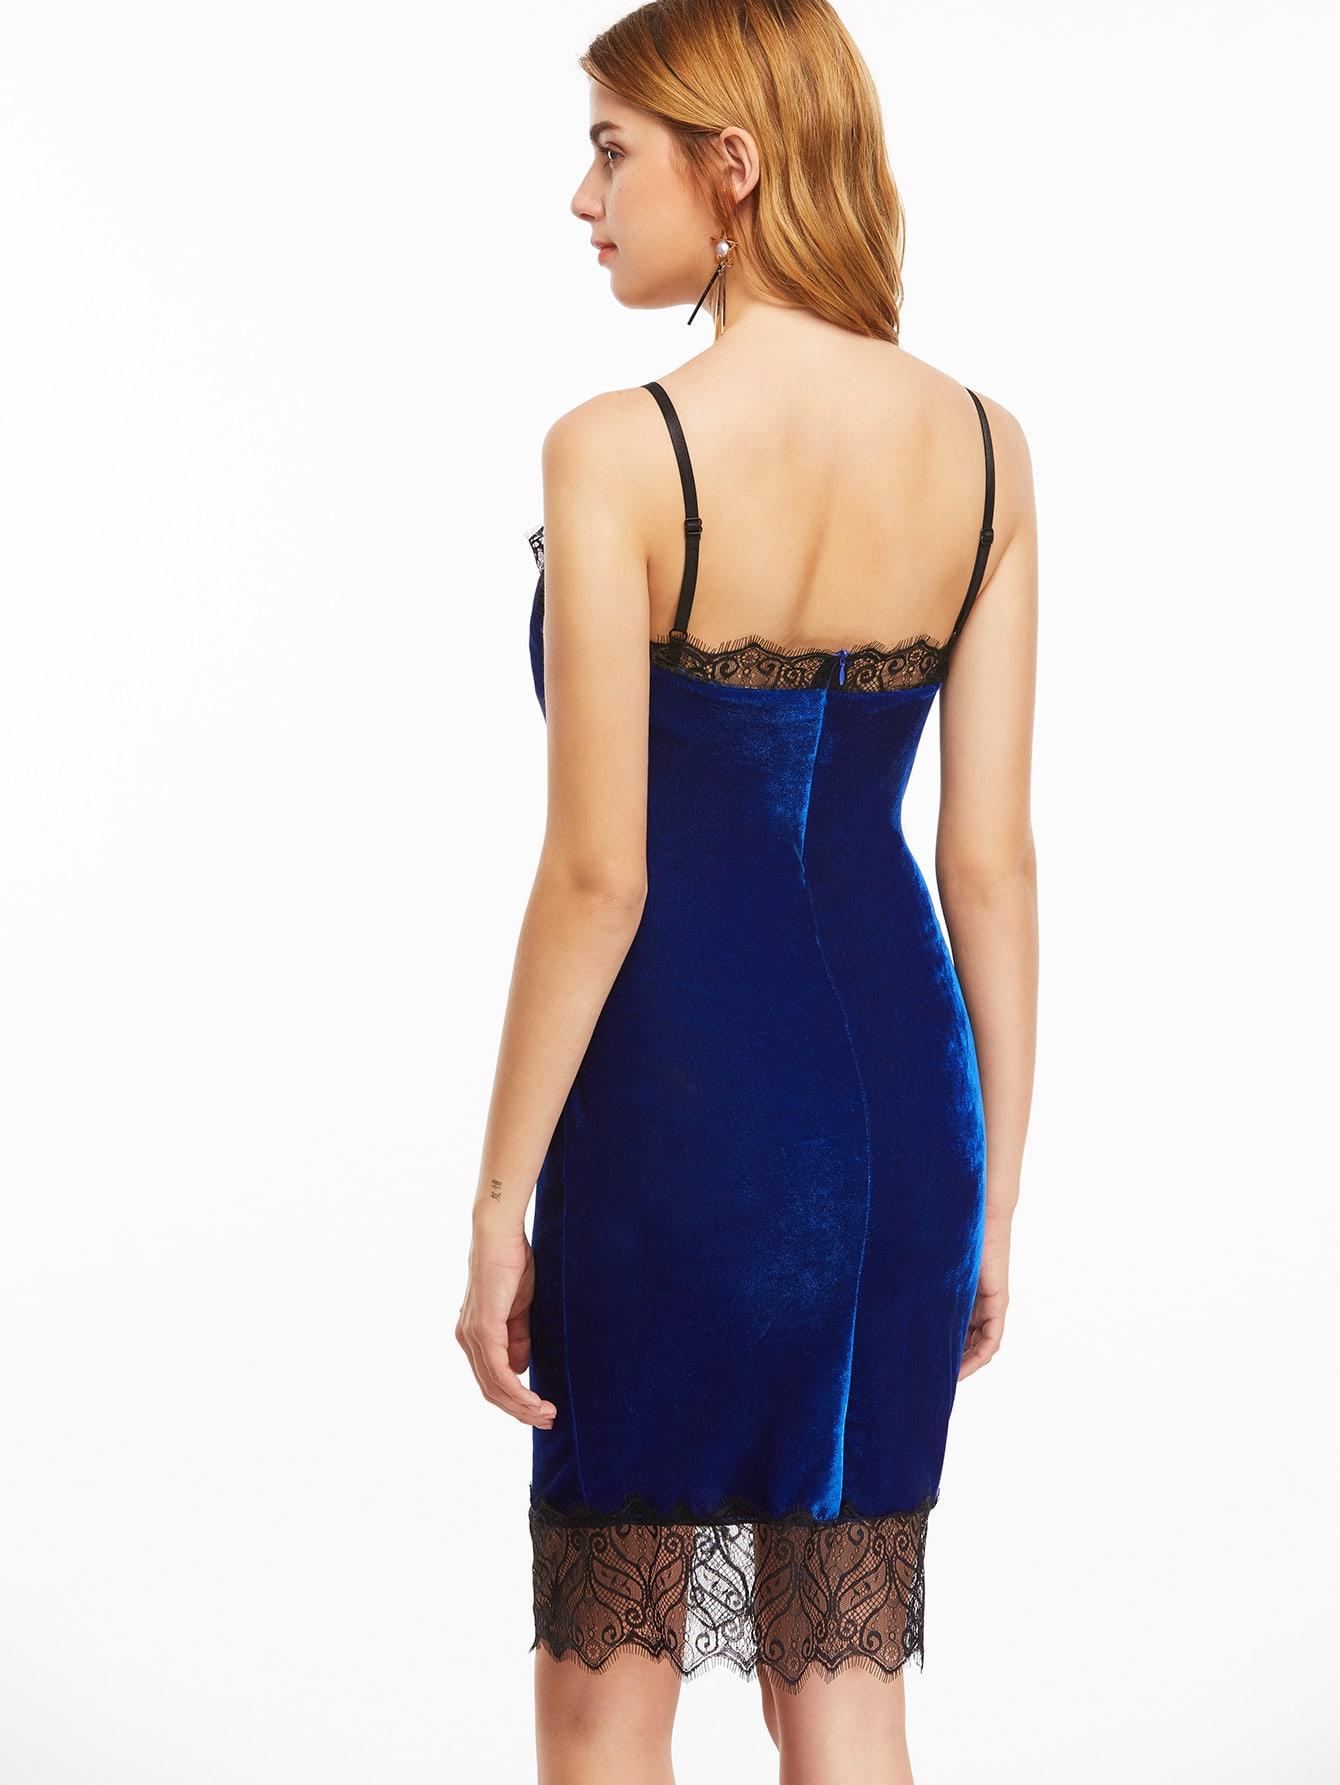 dress161216103_2